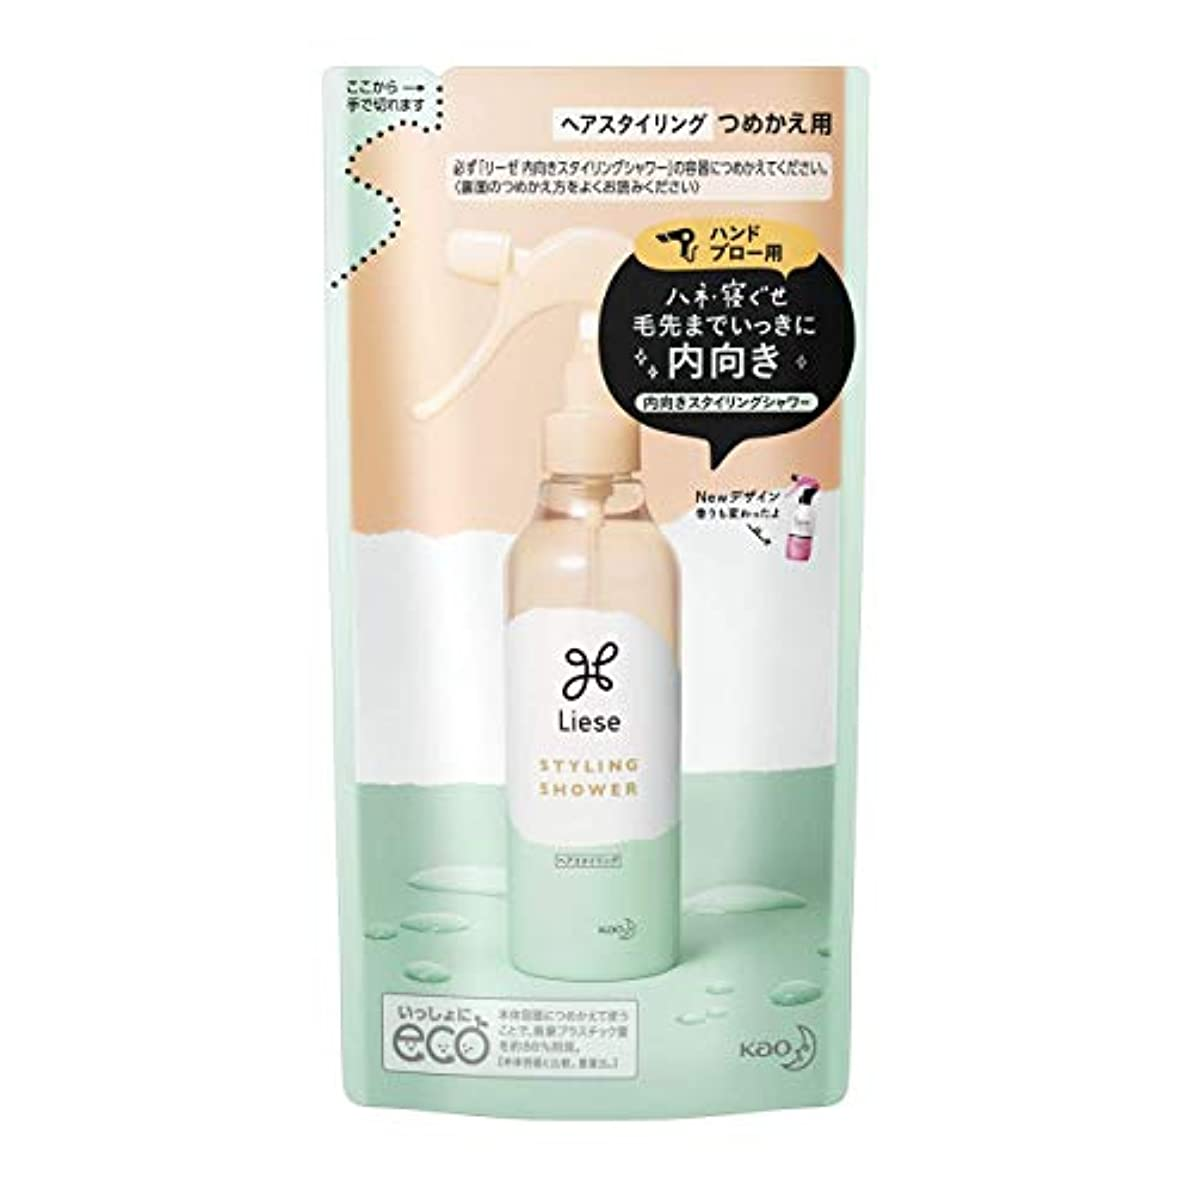 ソーダ水豊富見える【まとめ買い】リーゼ 内向きスタイルつくれるシャワー つめかえ用 ×2セット